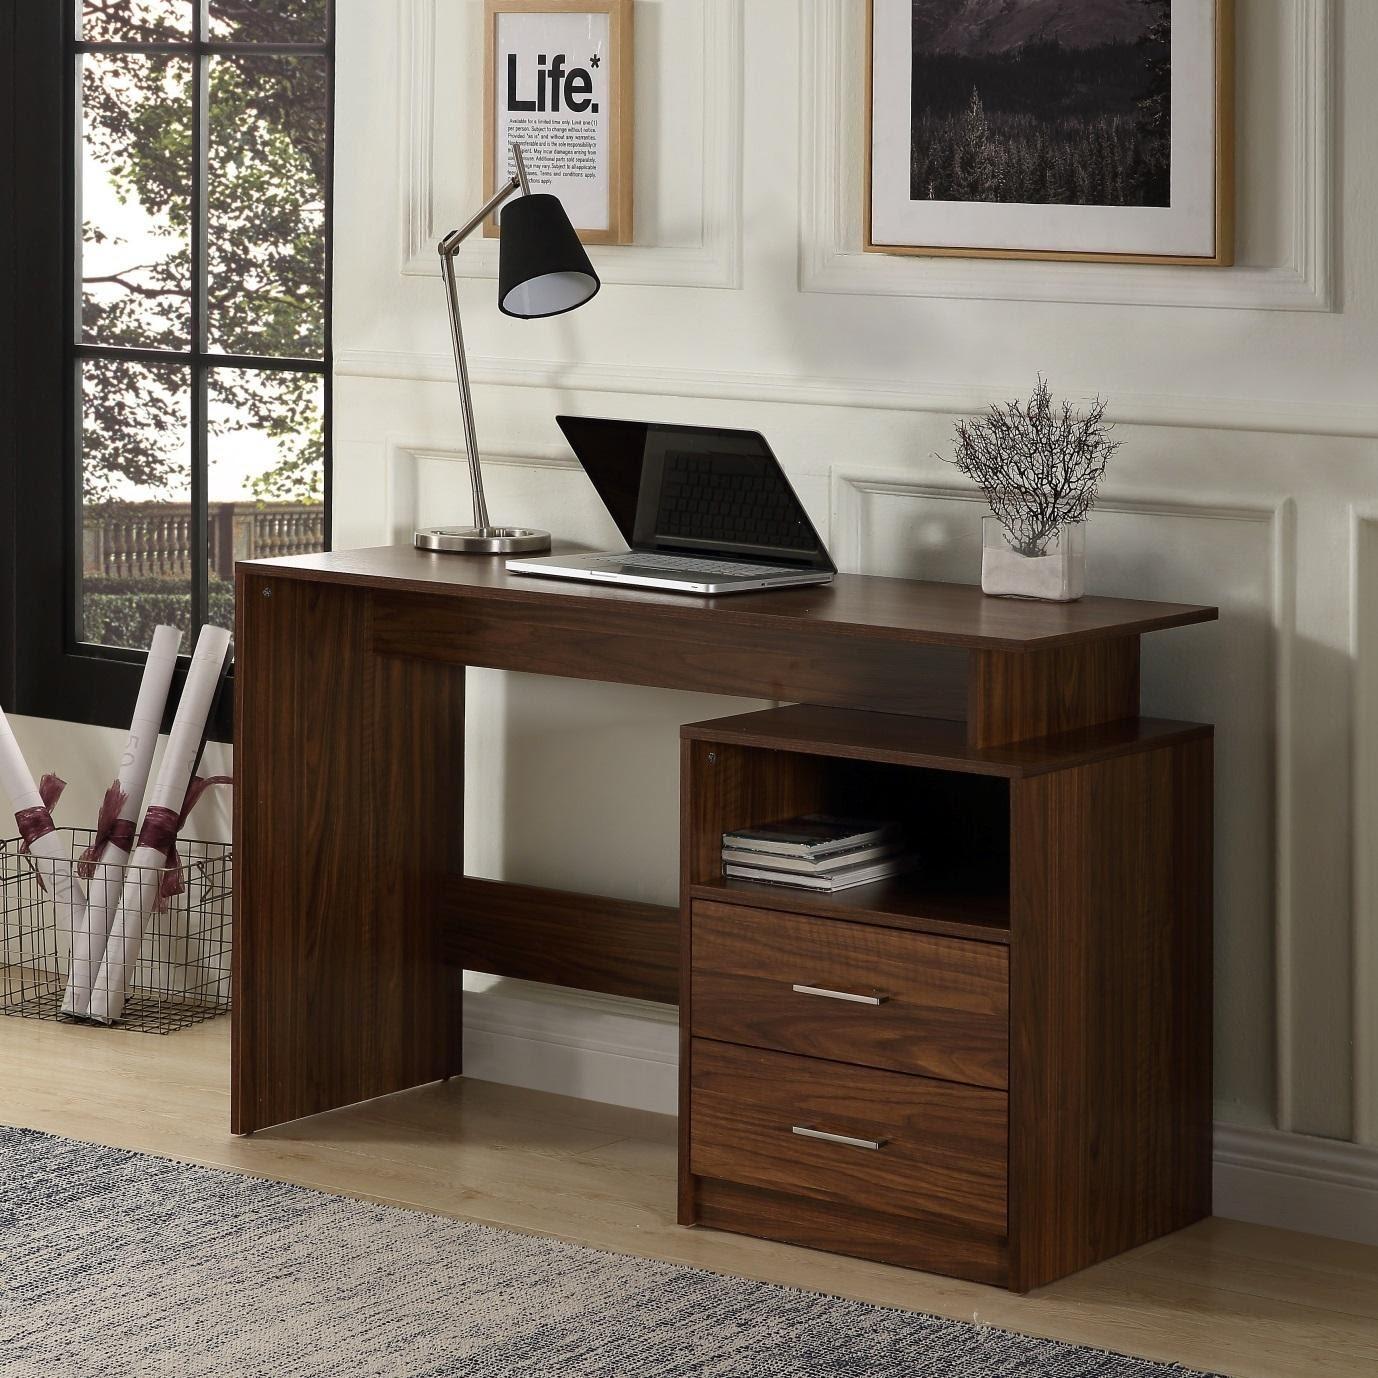 bàn làm việc gỗ, 10 mẫu bàn làm việc gỗ thay đổi phong thủy văn phòng ngay lập tức